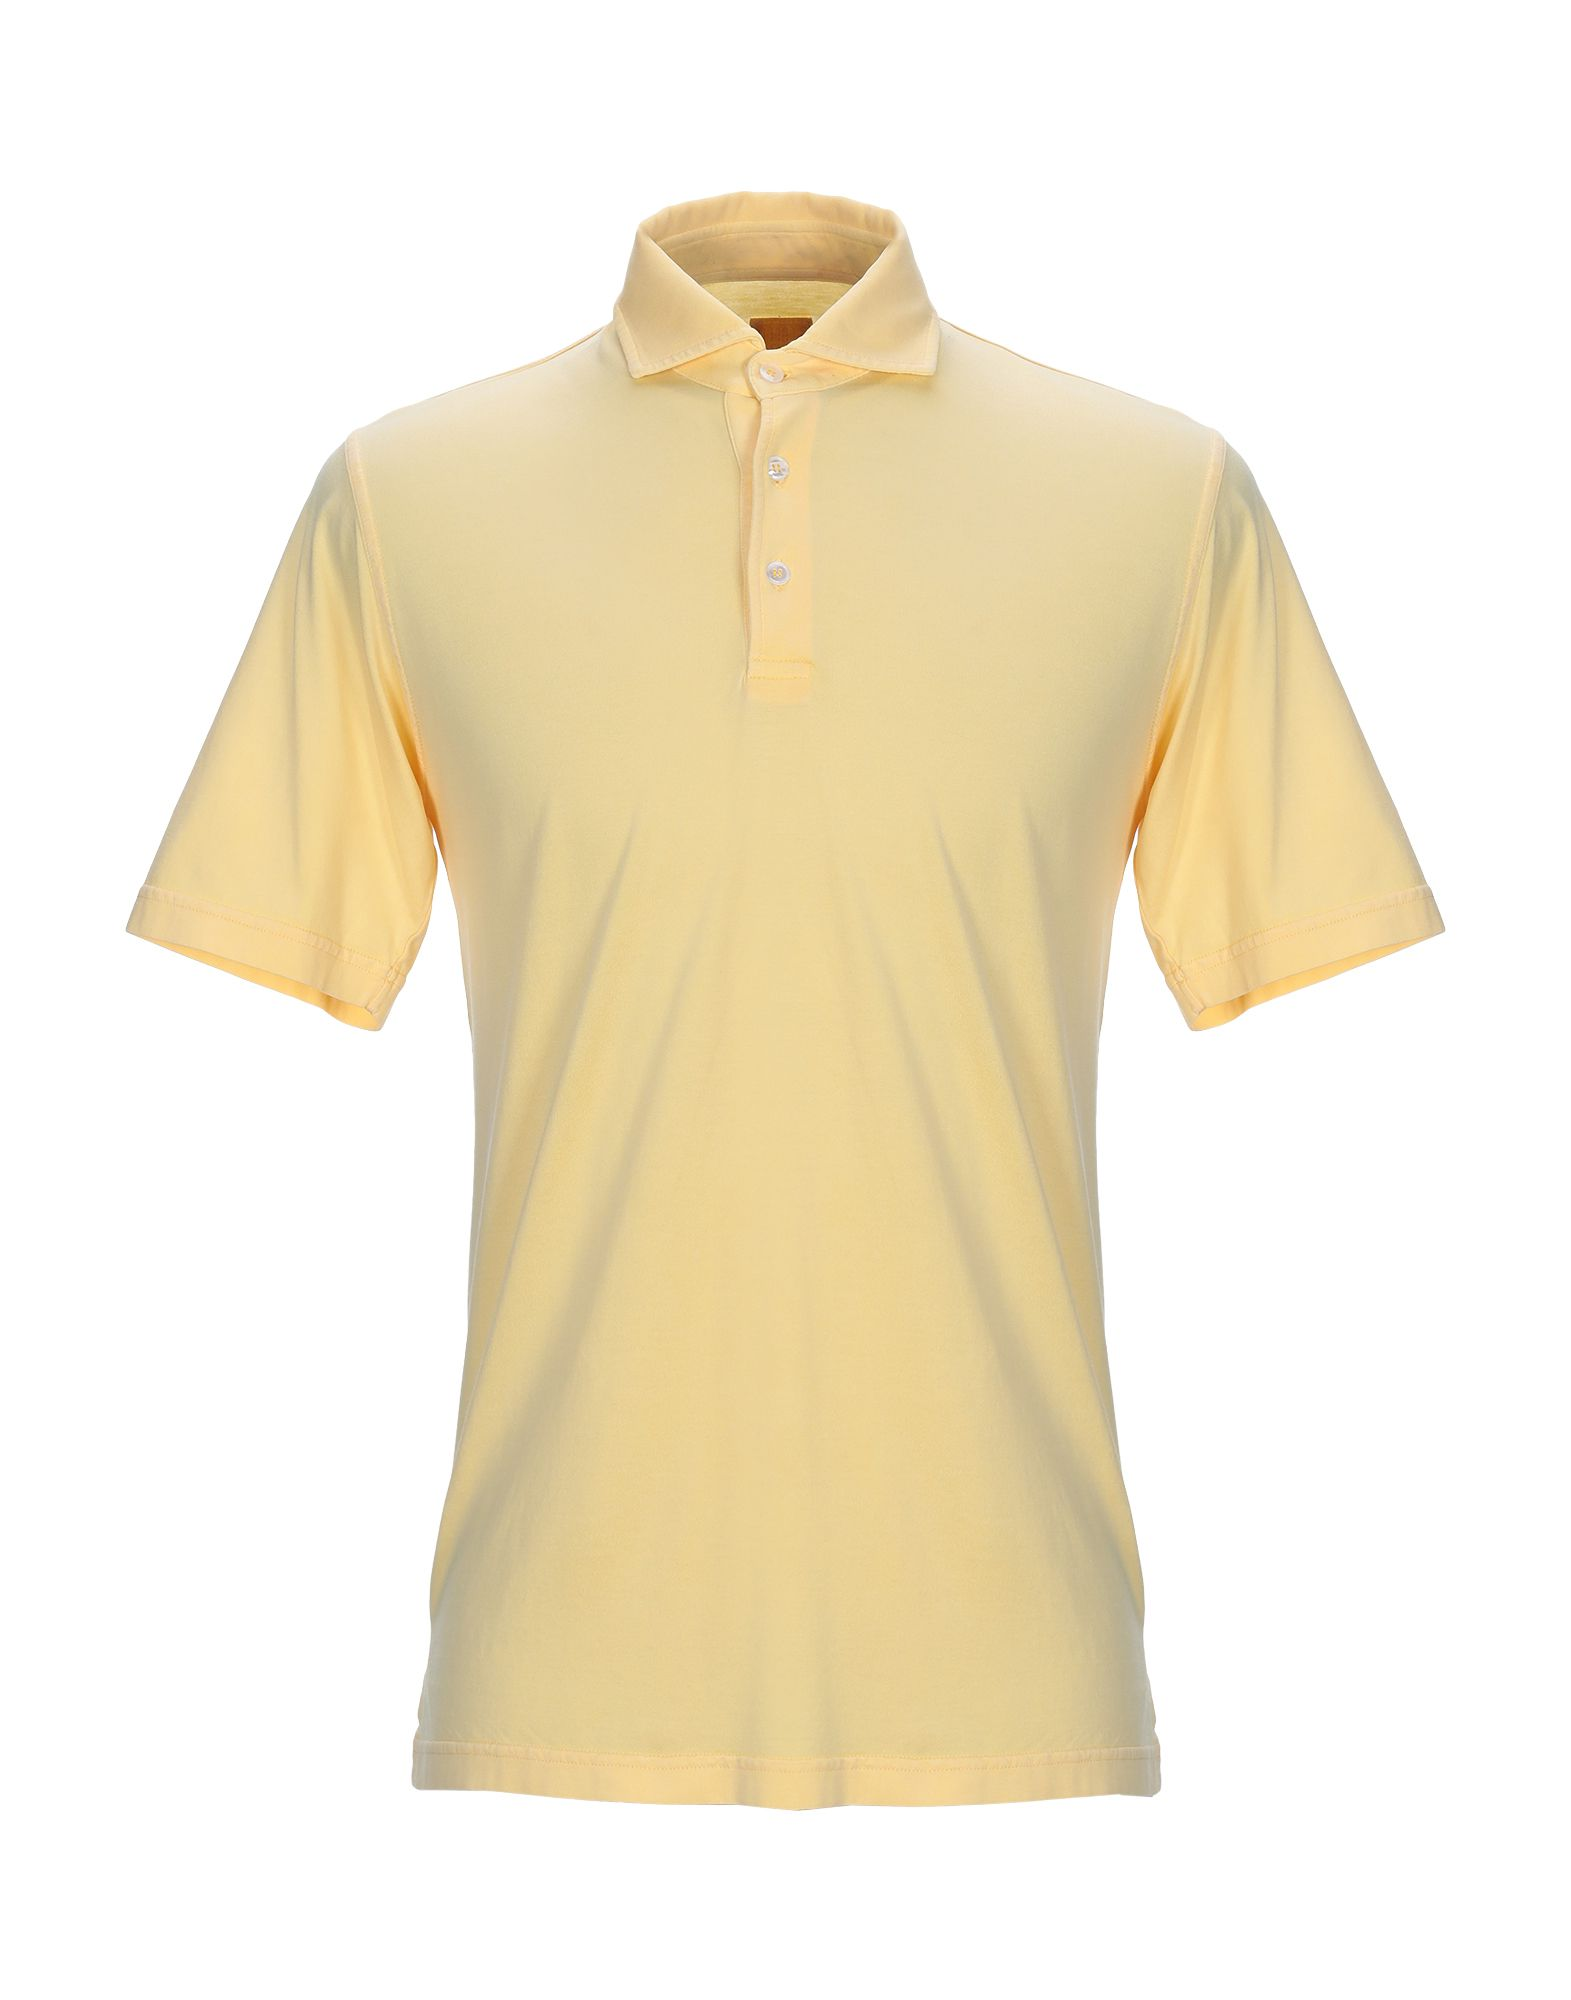 《送料無料》FEDELI メンズ ポロシャツ イエロー 48 コットン 100%